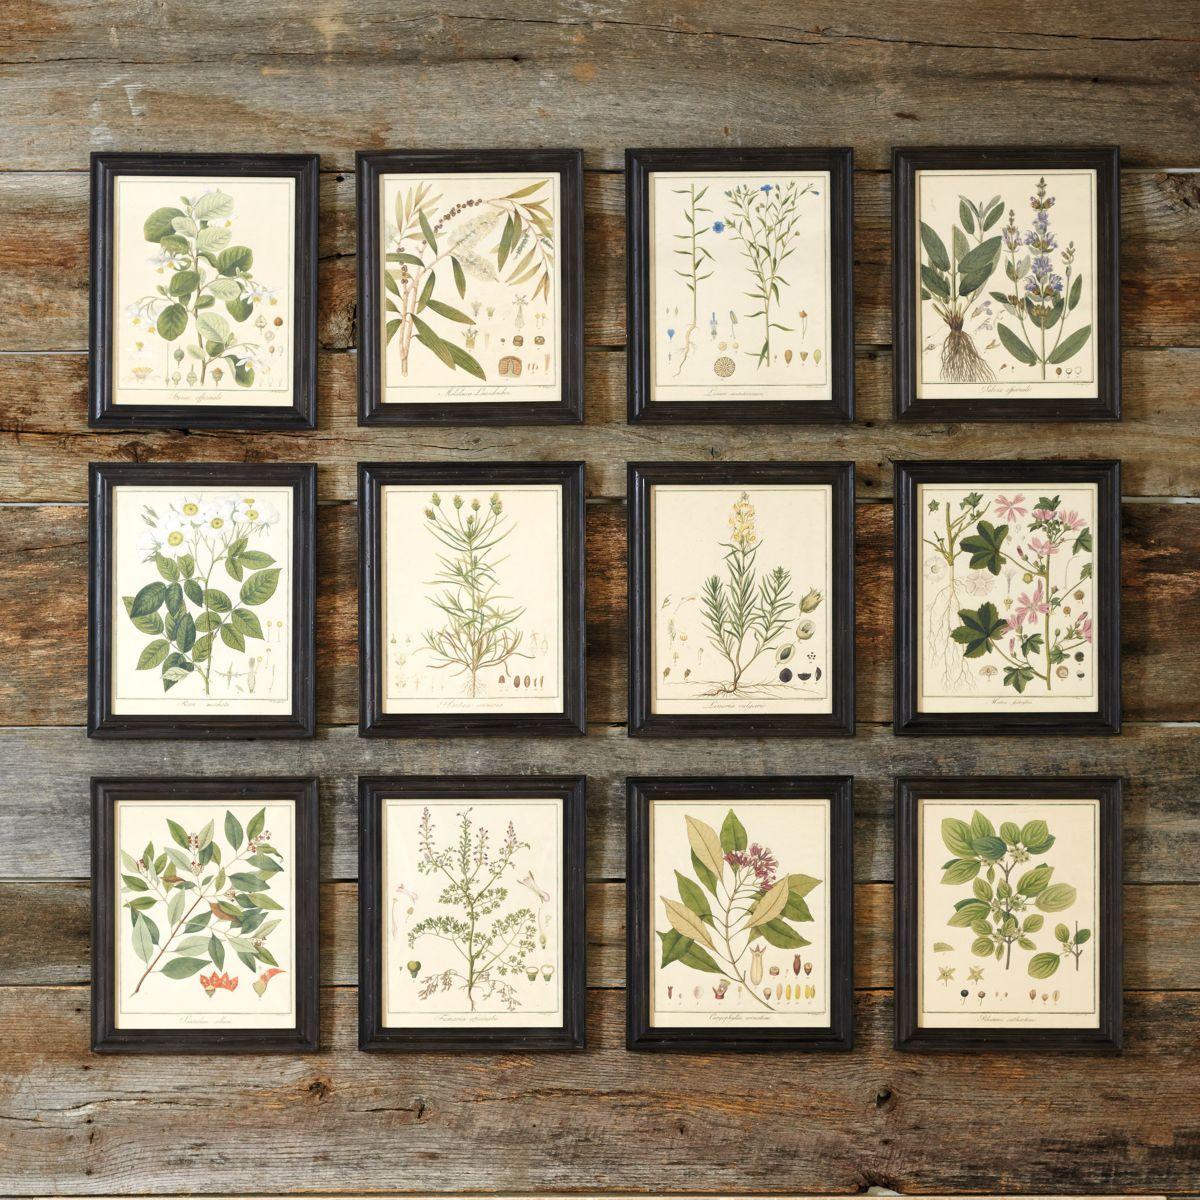 Heines Botanical Framed Art | Decor | Pinterest | Master bedroom ...